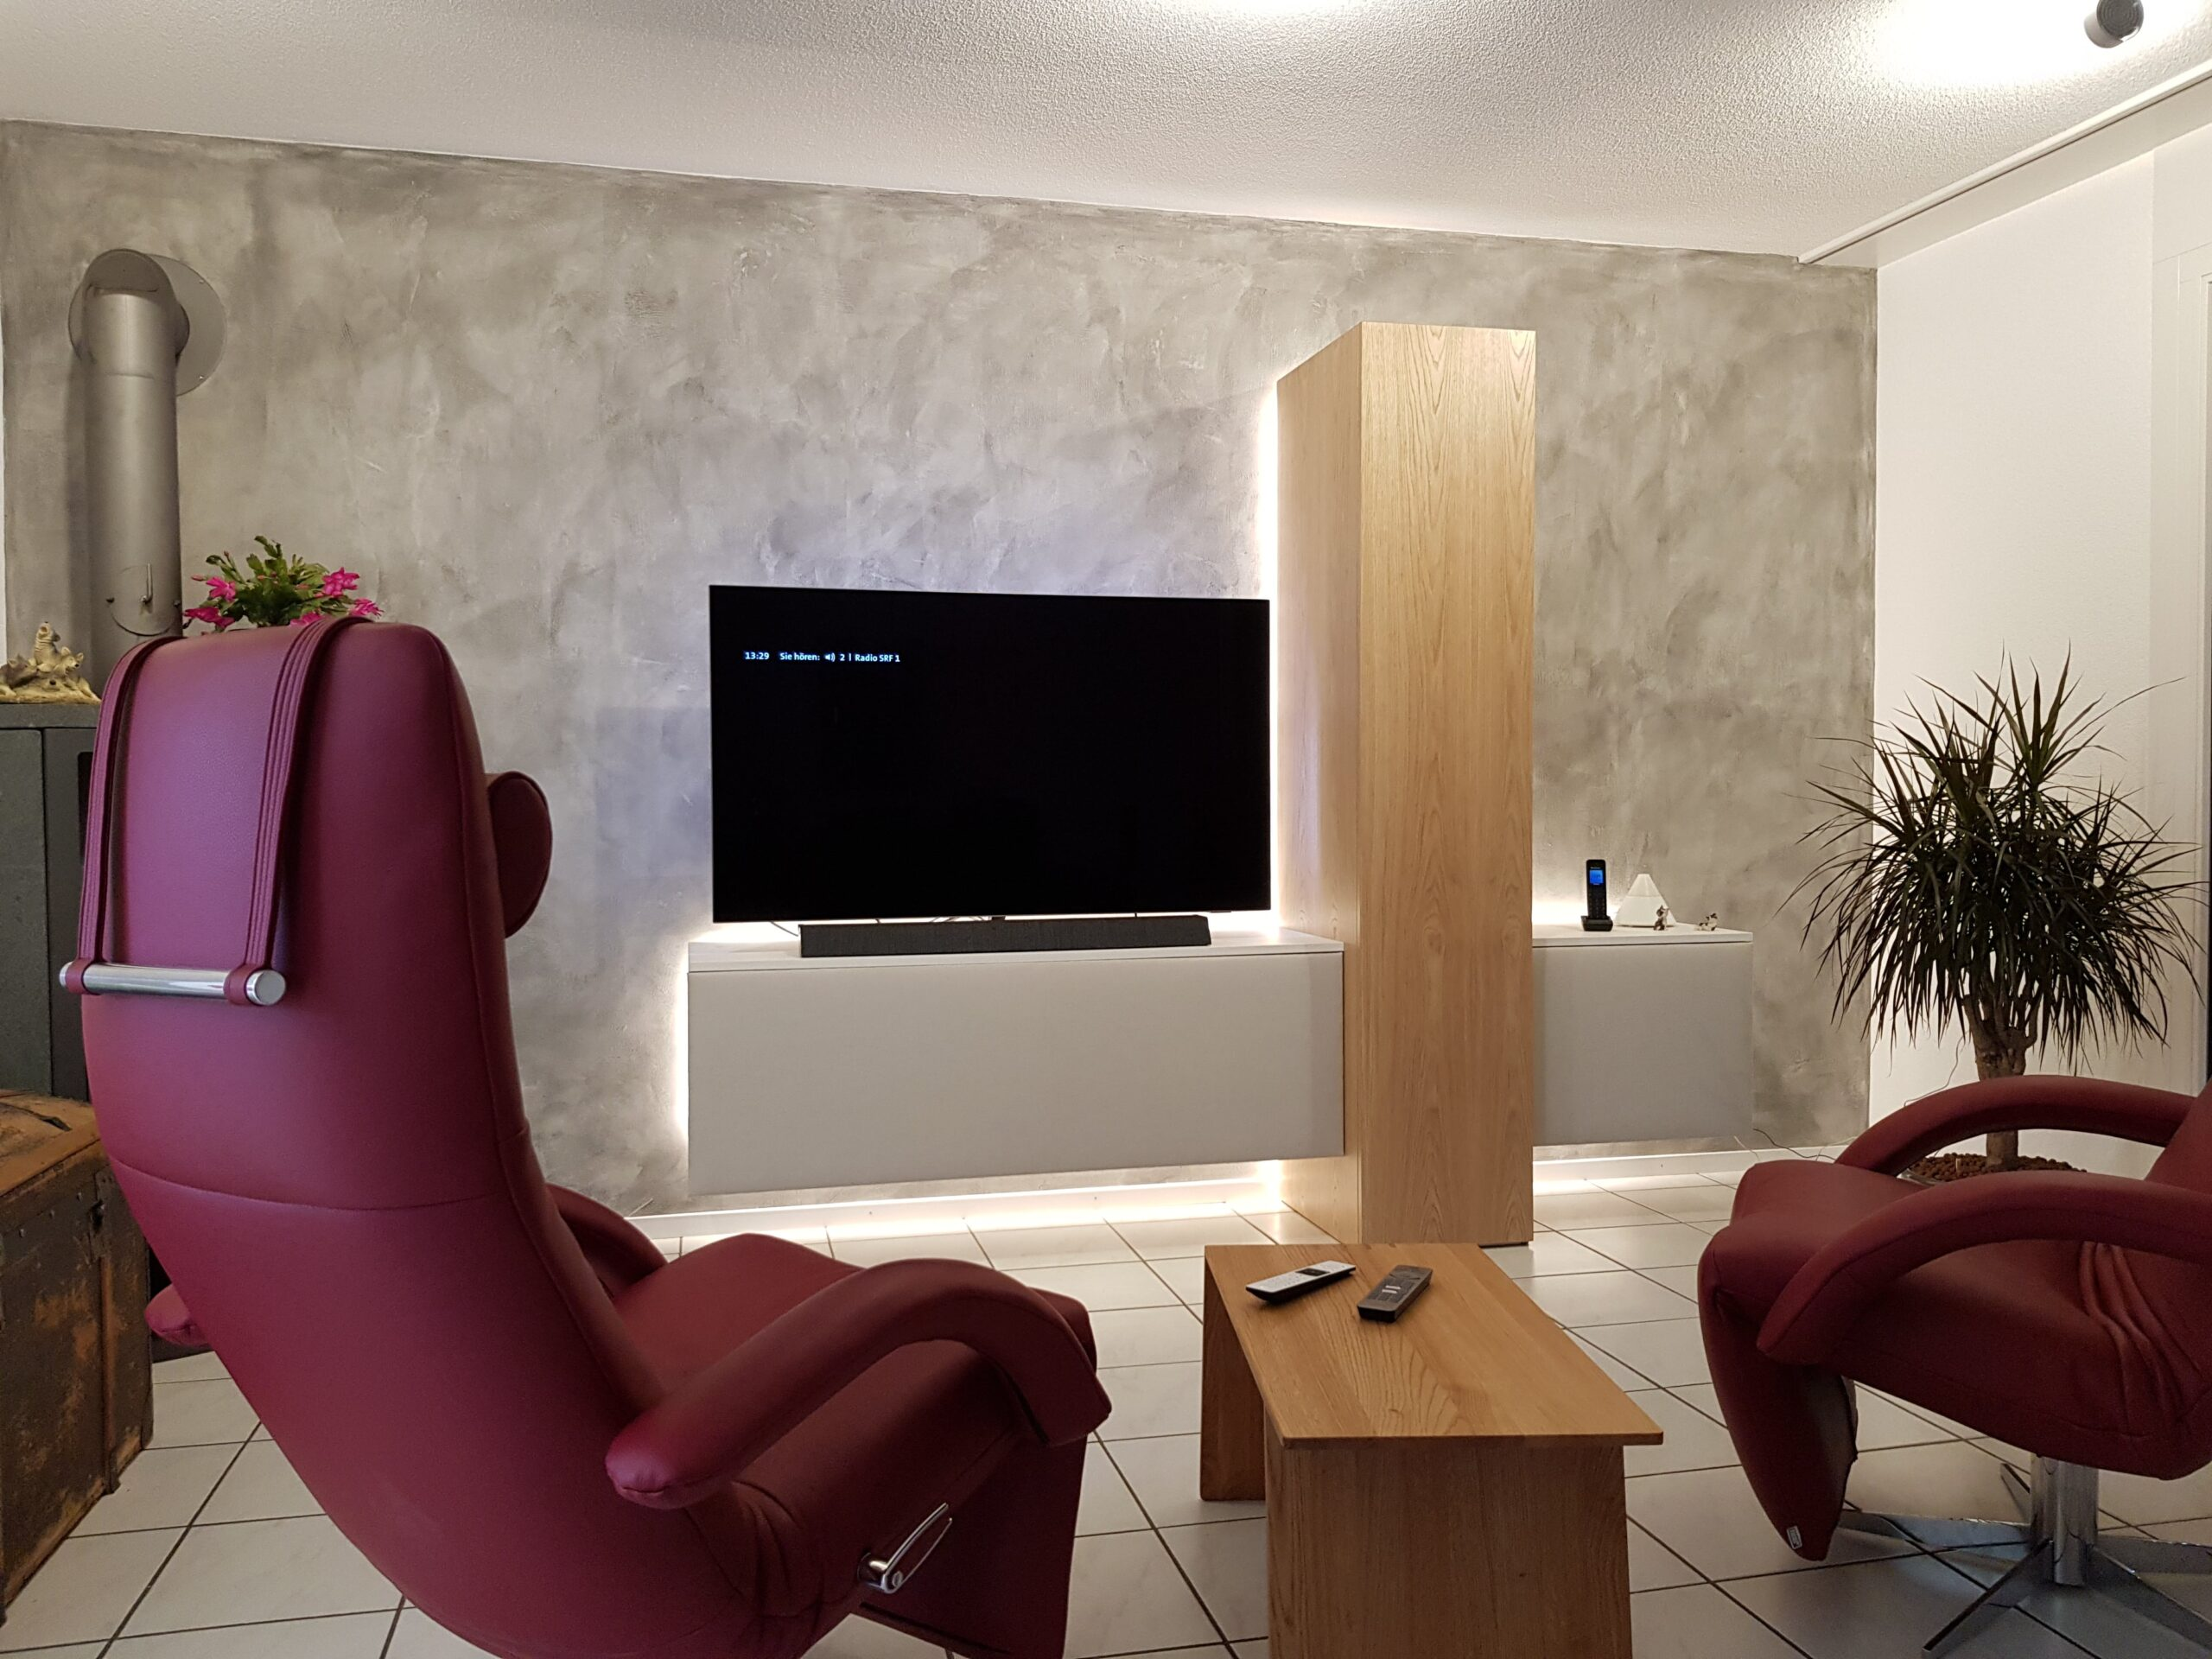 Wooddesign_Holzleuchten_LED-Beleuchtung_Licht_Indirekte Beleuchtung_Direkte Beleuchtung_Holzdesign (27)-min